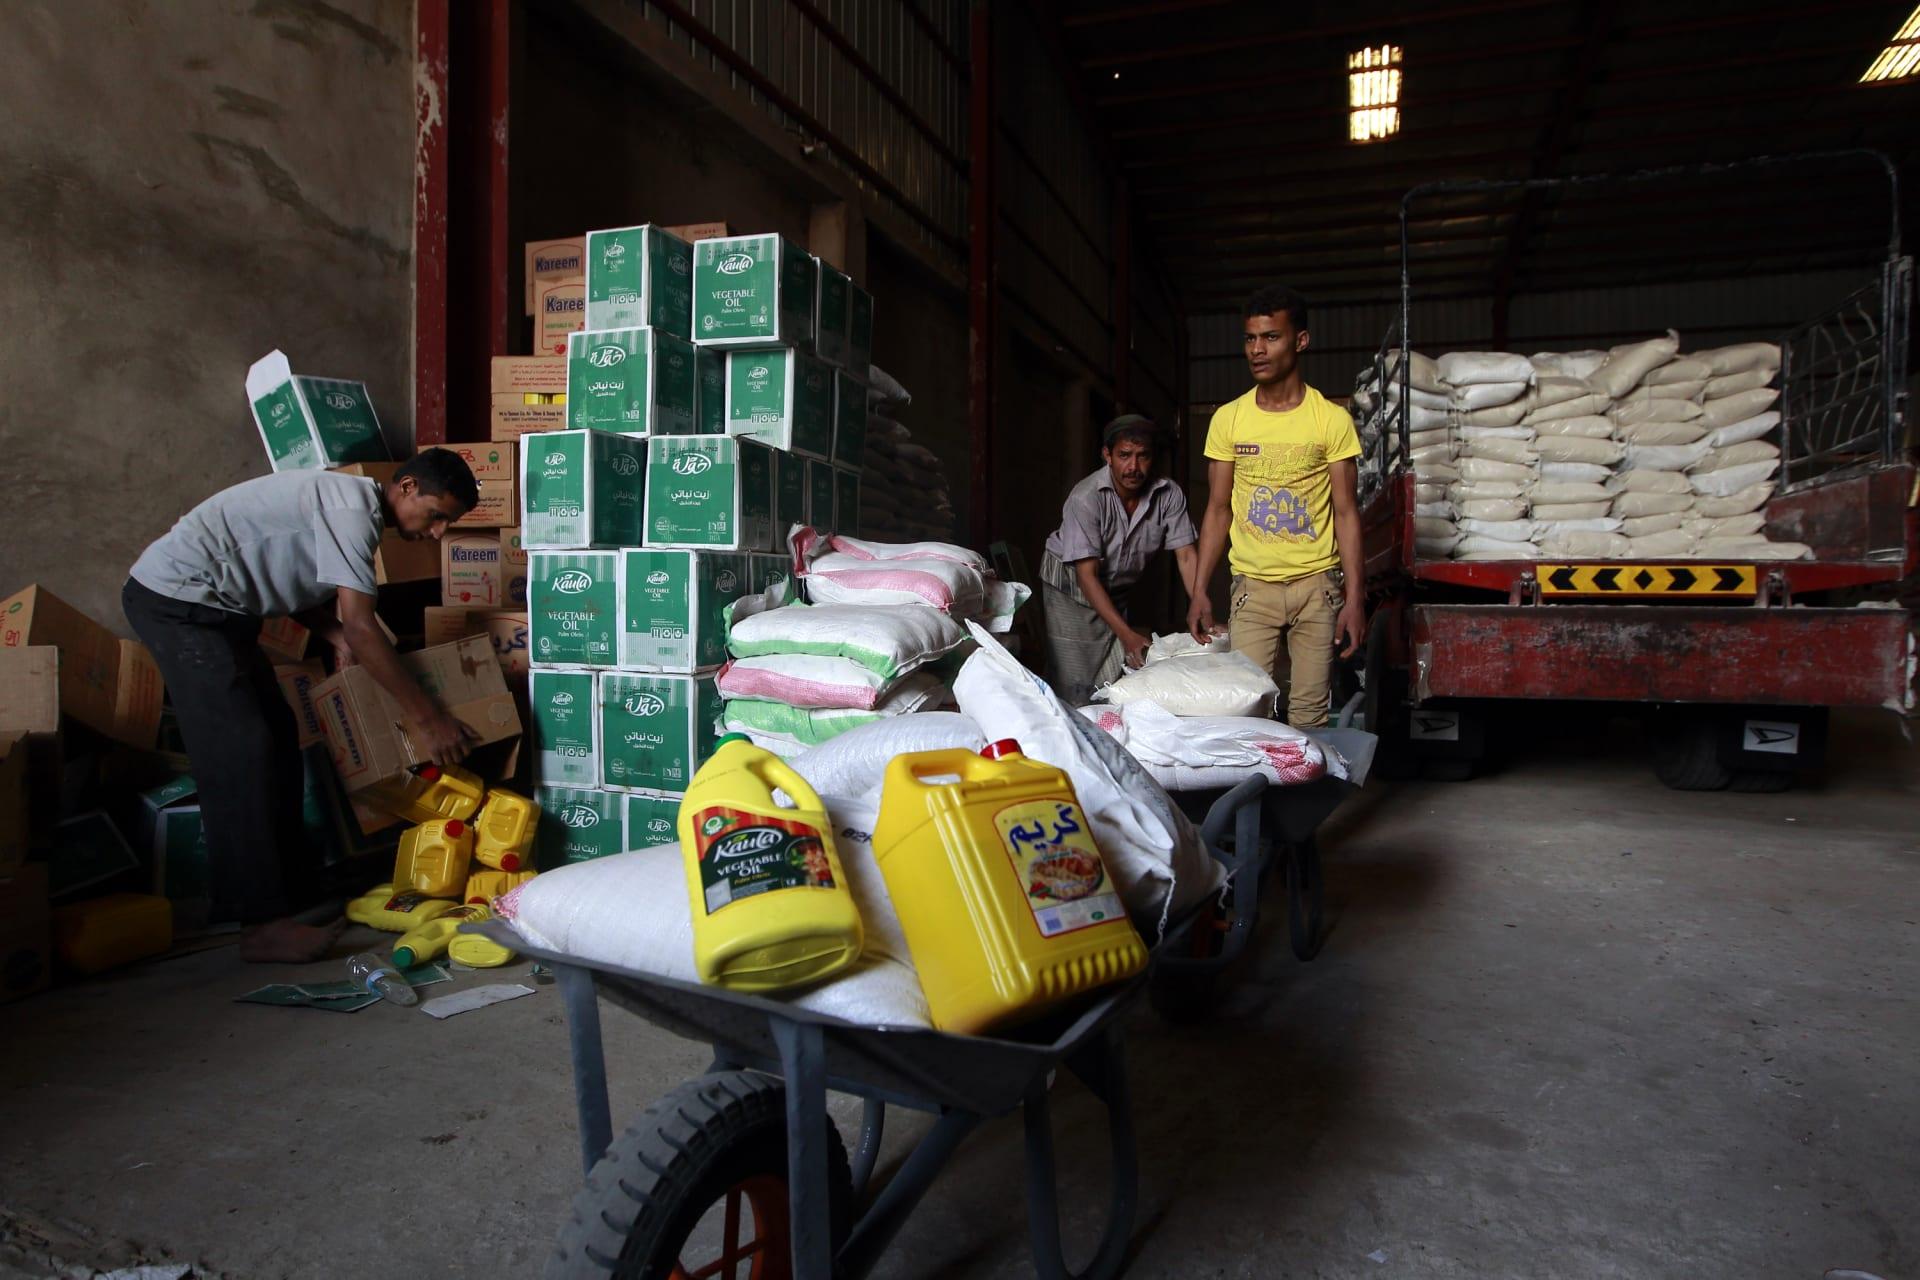 برنامج الأغذية العالمي: المساعدات الإنسانية تُسرق في مناطق الحوثيين